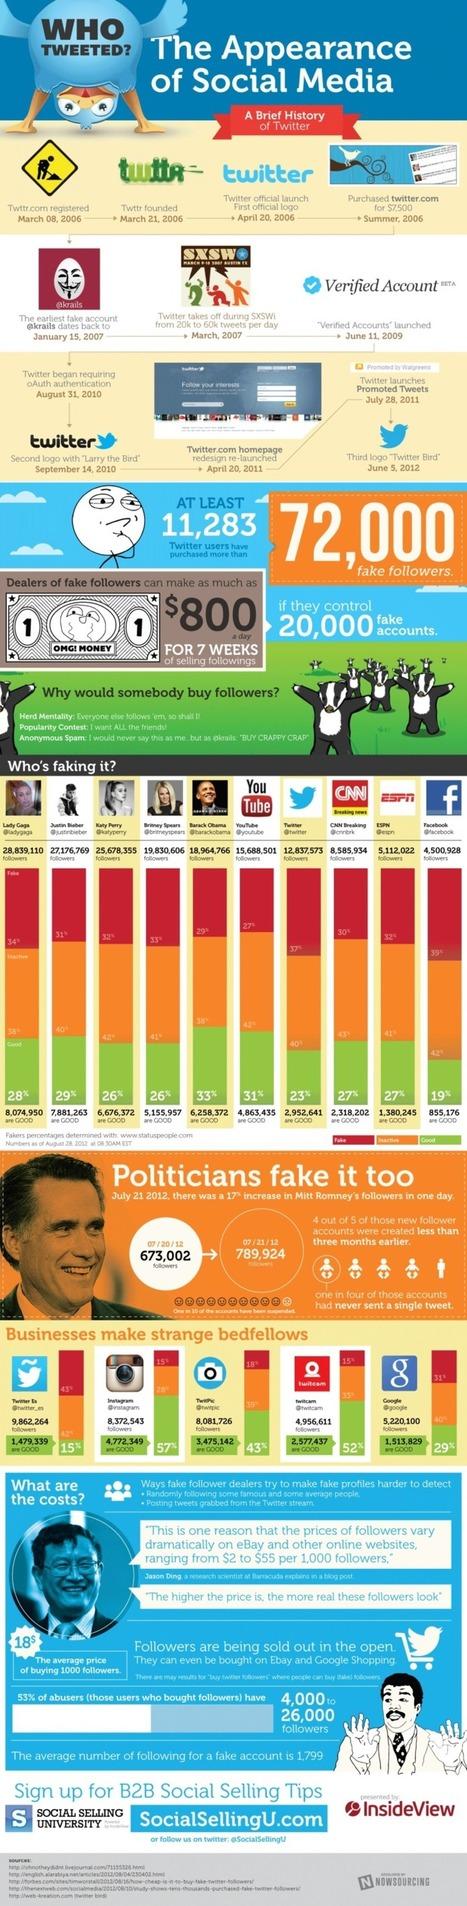 Etes vous sûr de vos followers sur Twitter? (infographie) | Toulouse networks | Scoop.it